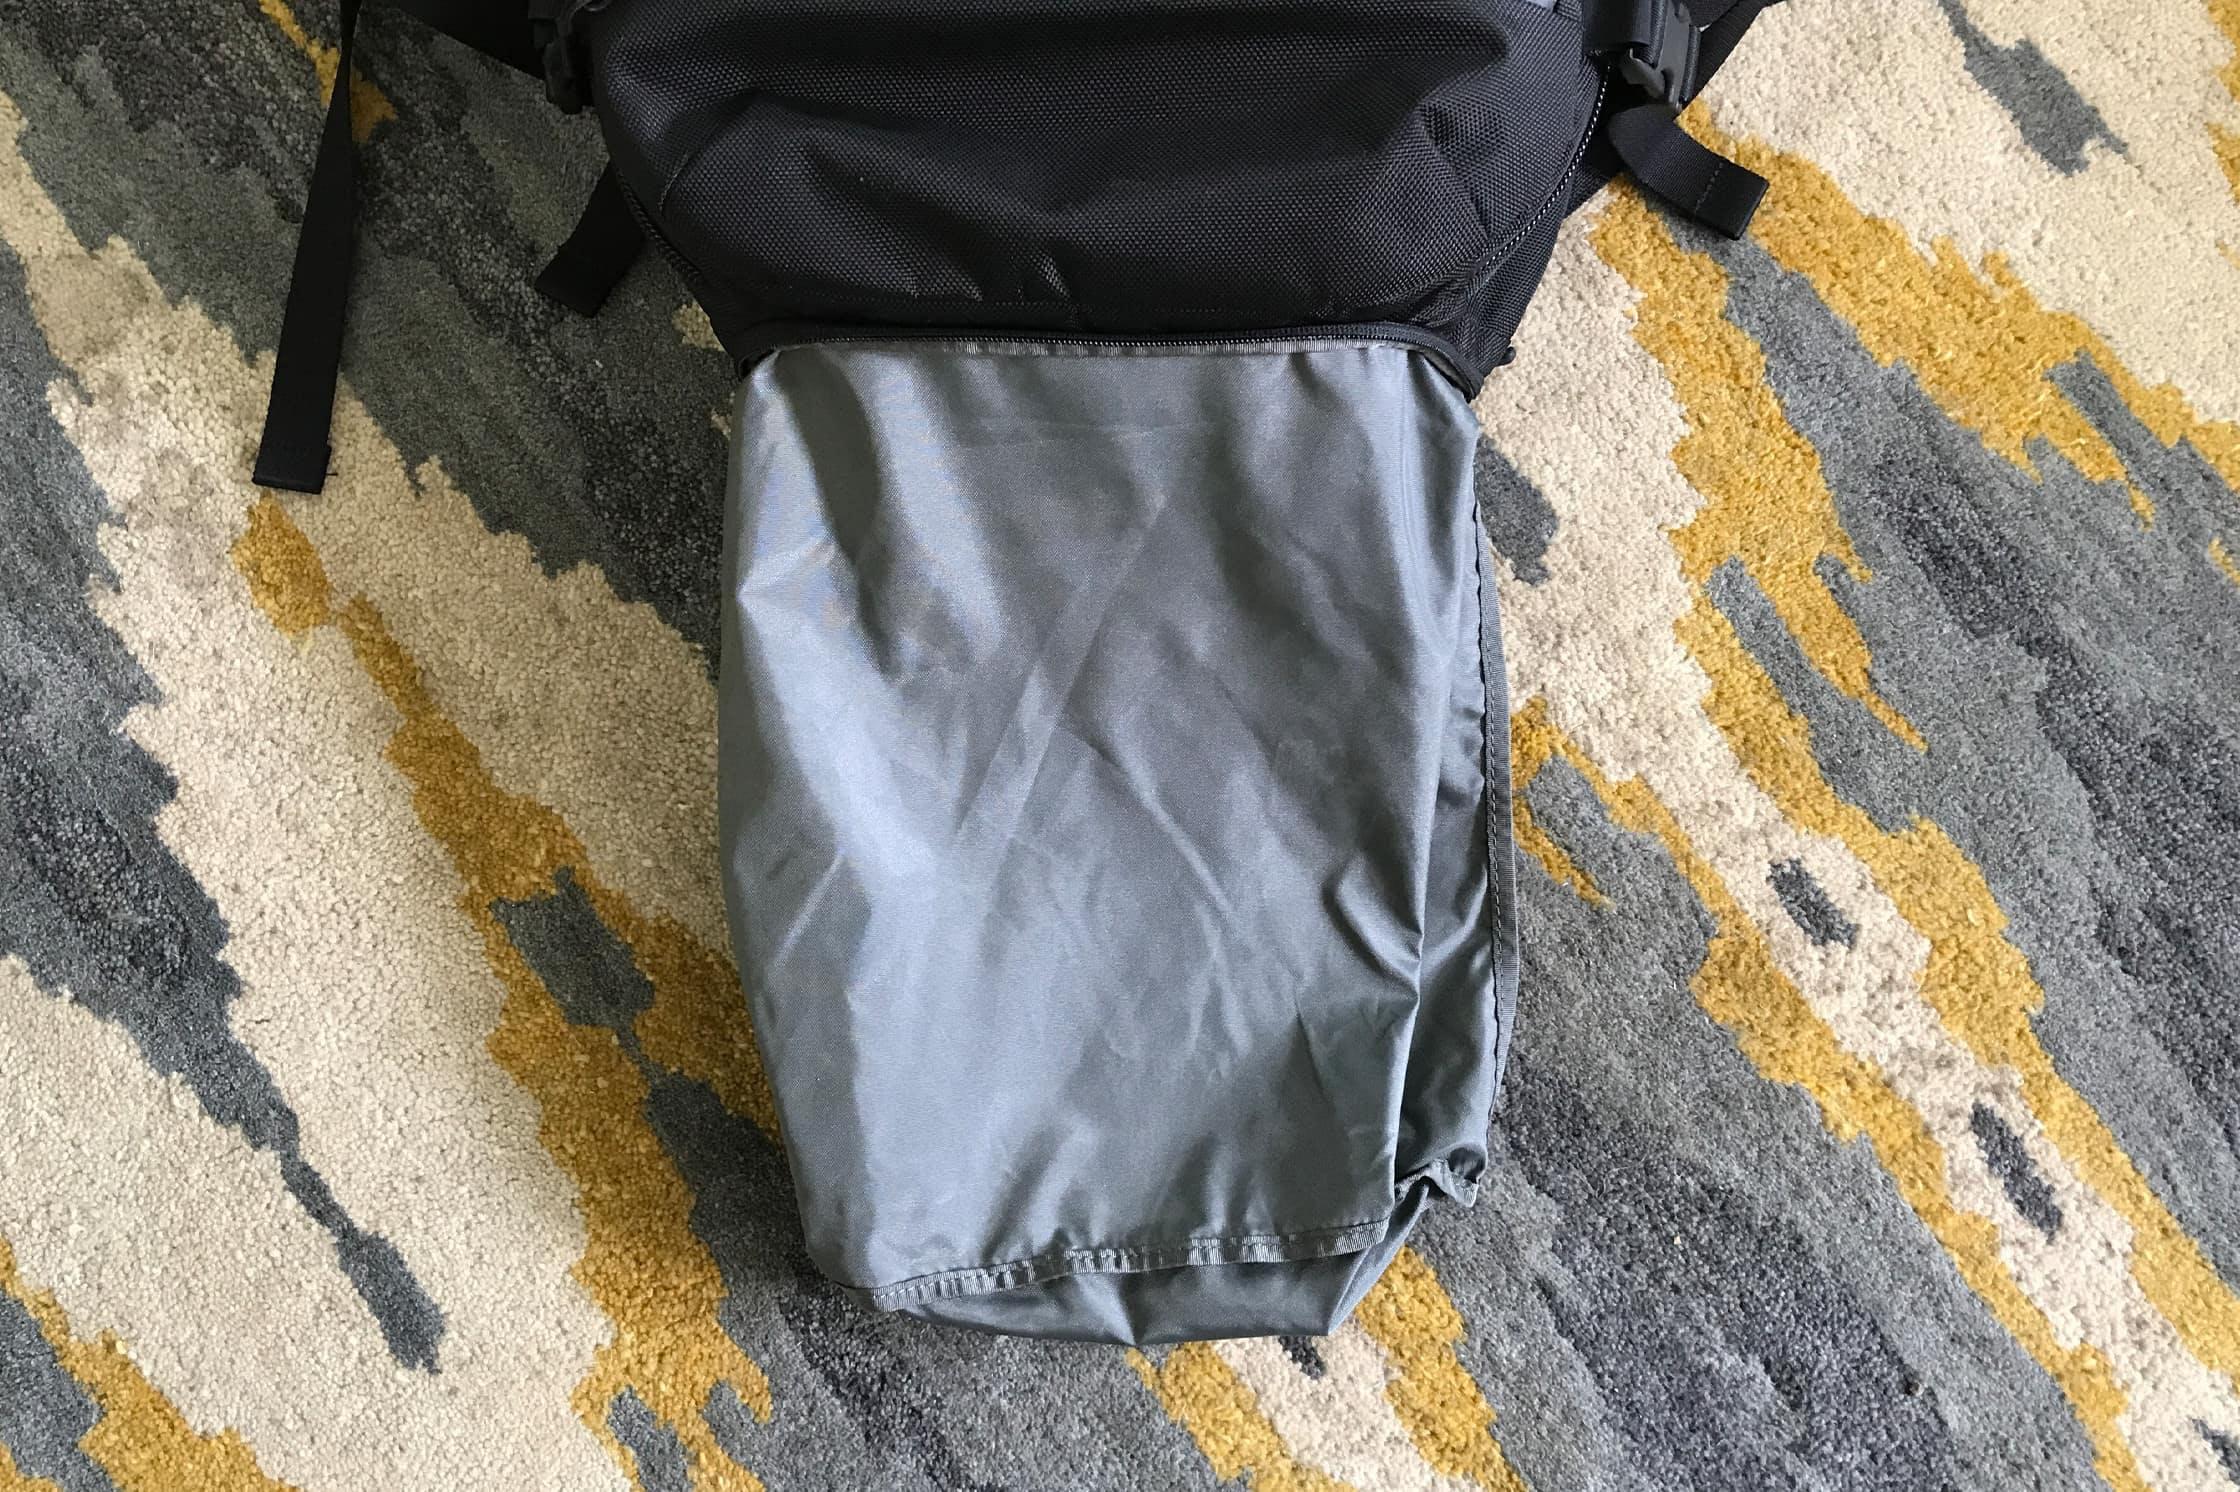 Aer Travel Pack Shoe Pocket Folded Out